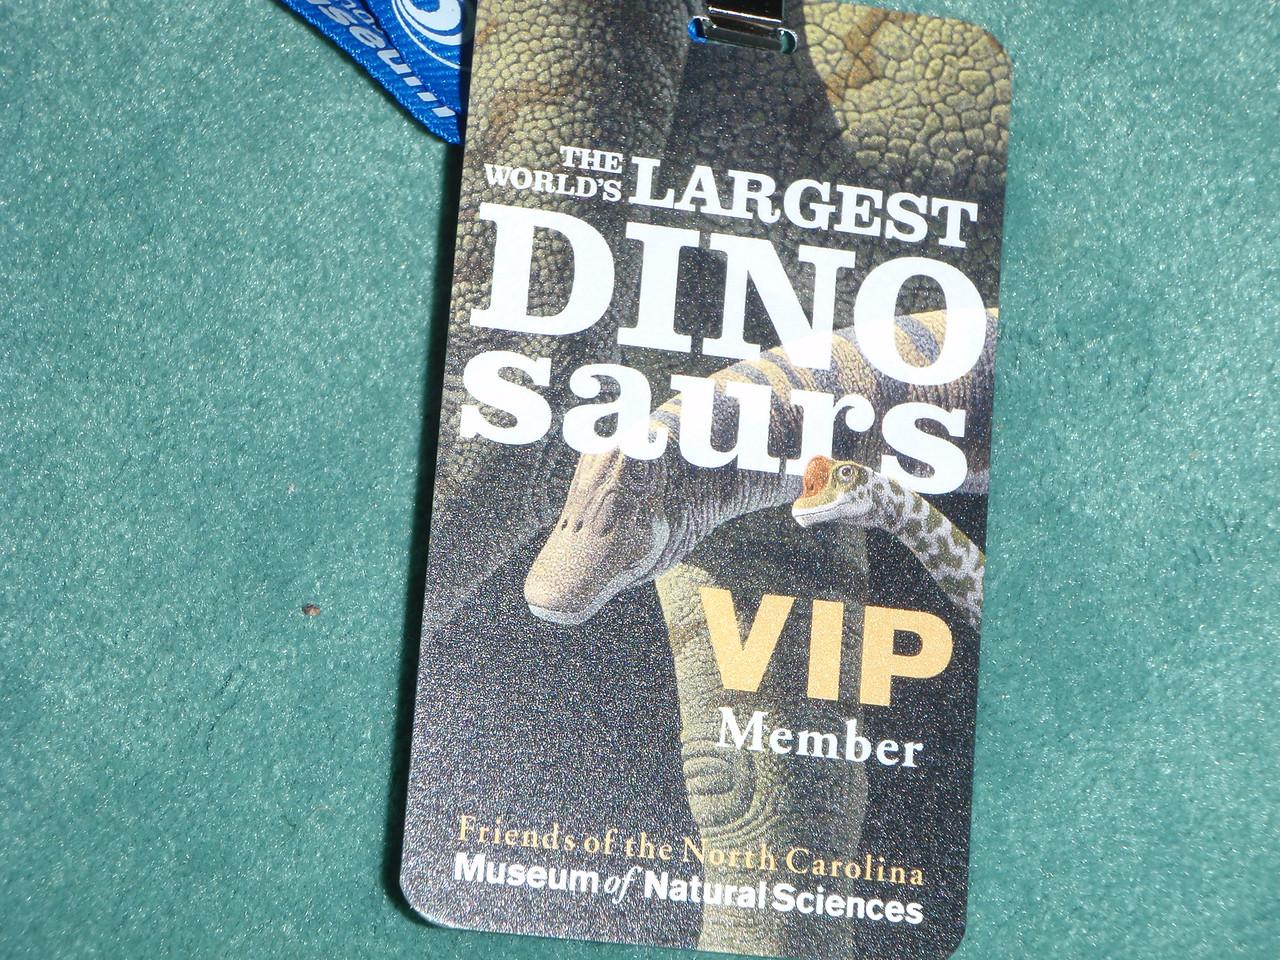 Exhibit entry badge.